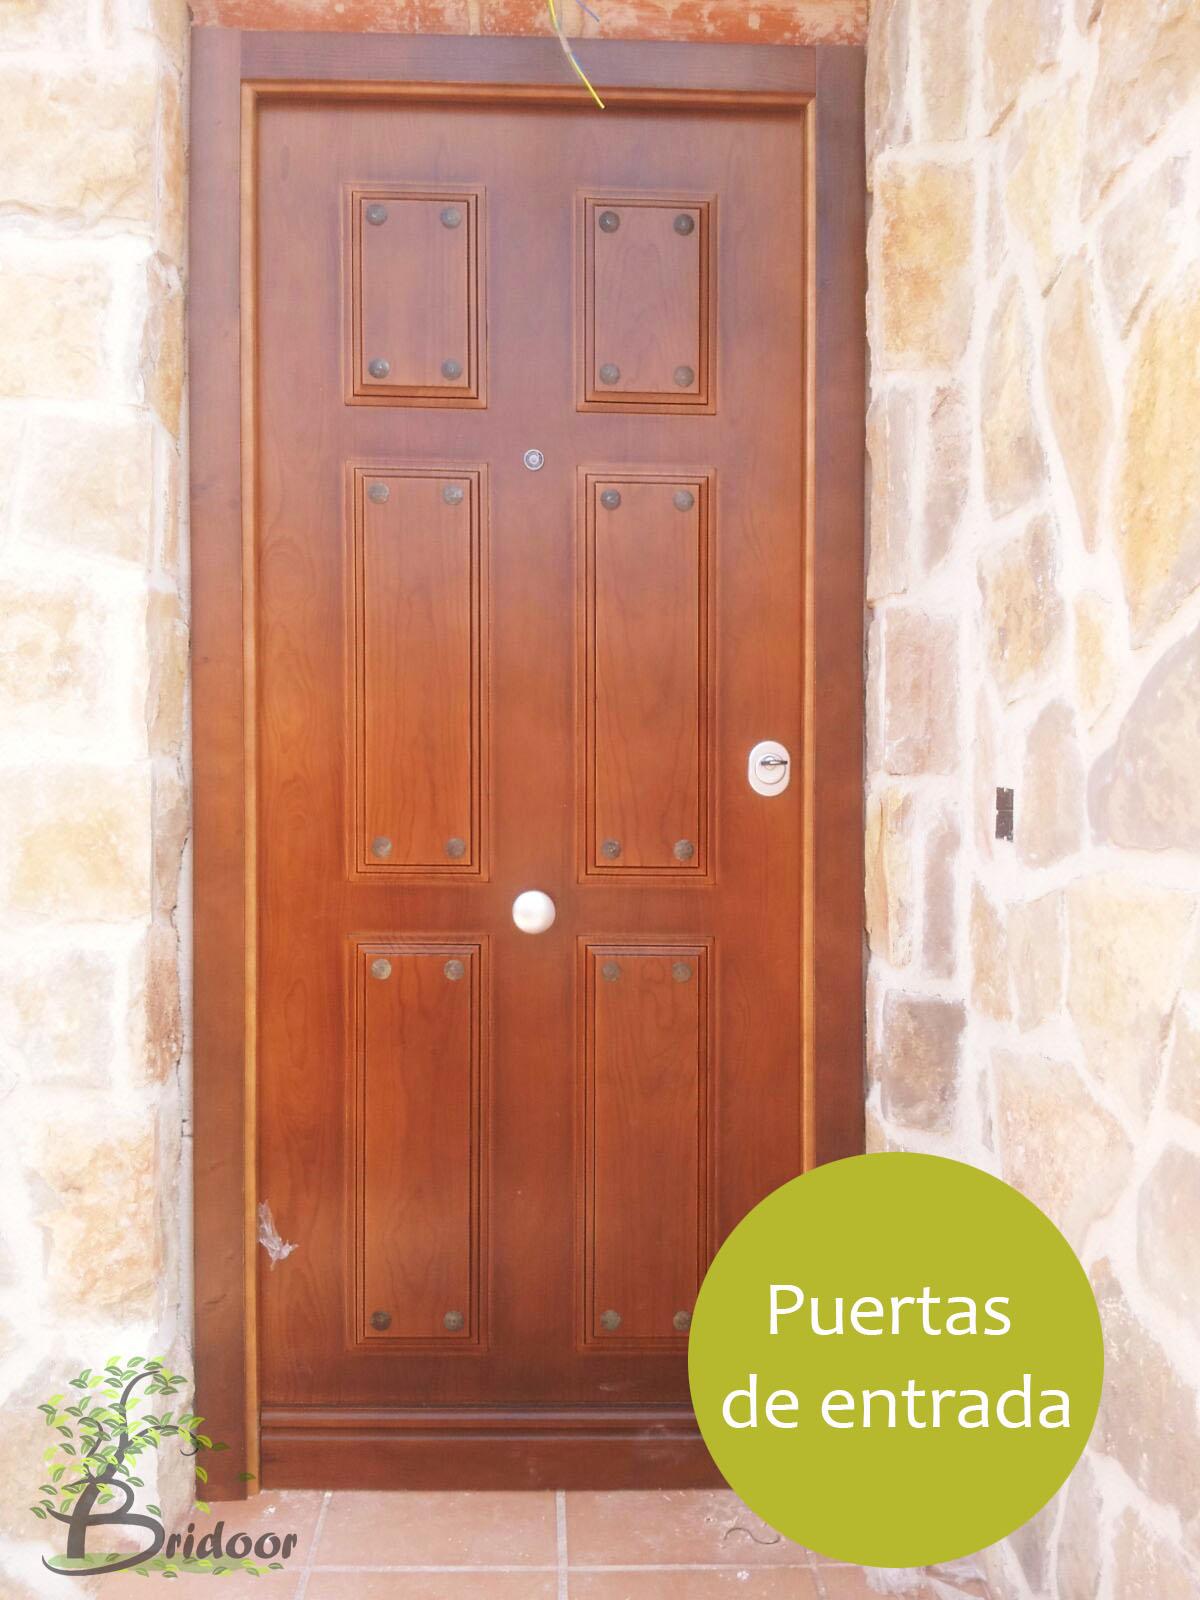 Bridoor s l puerta de entrada roble en soto del real - Puertas de entrada madera ...